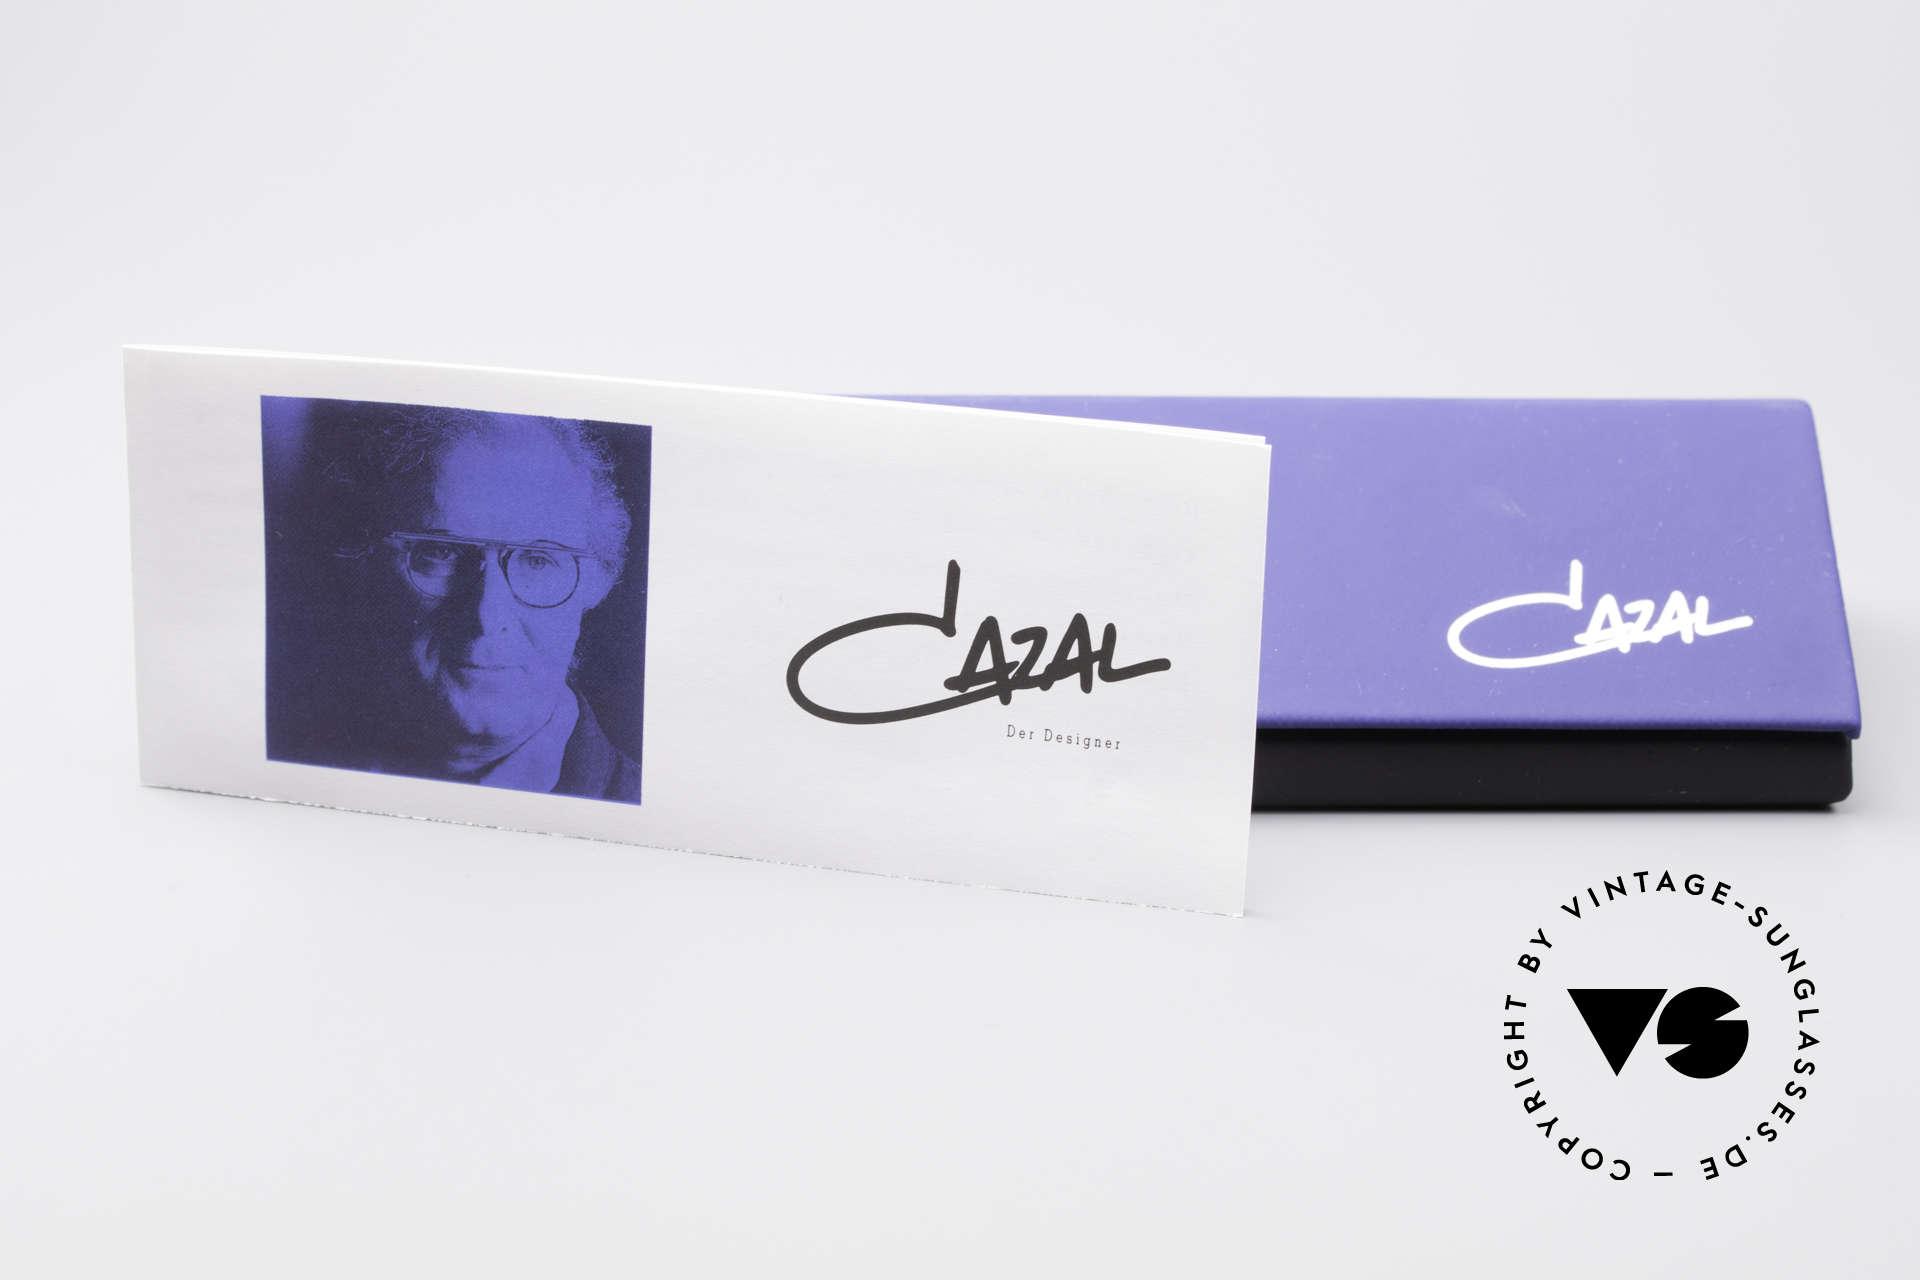 Cazal 280 Designer Damen Sonnenbrille, KEINE RETROBRILLE; ein 20 Jahre altes Original!, Passend für Damen